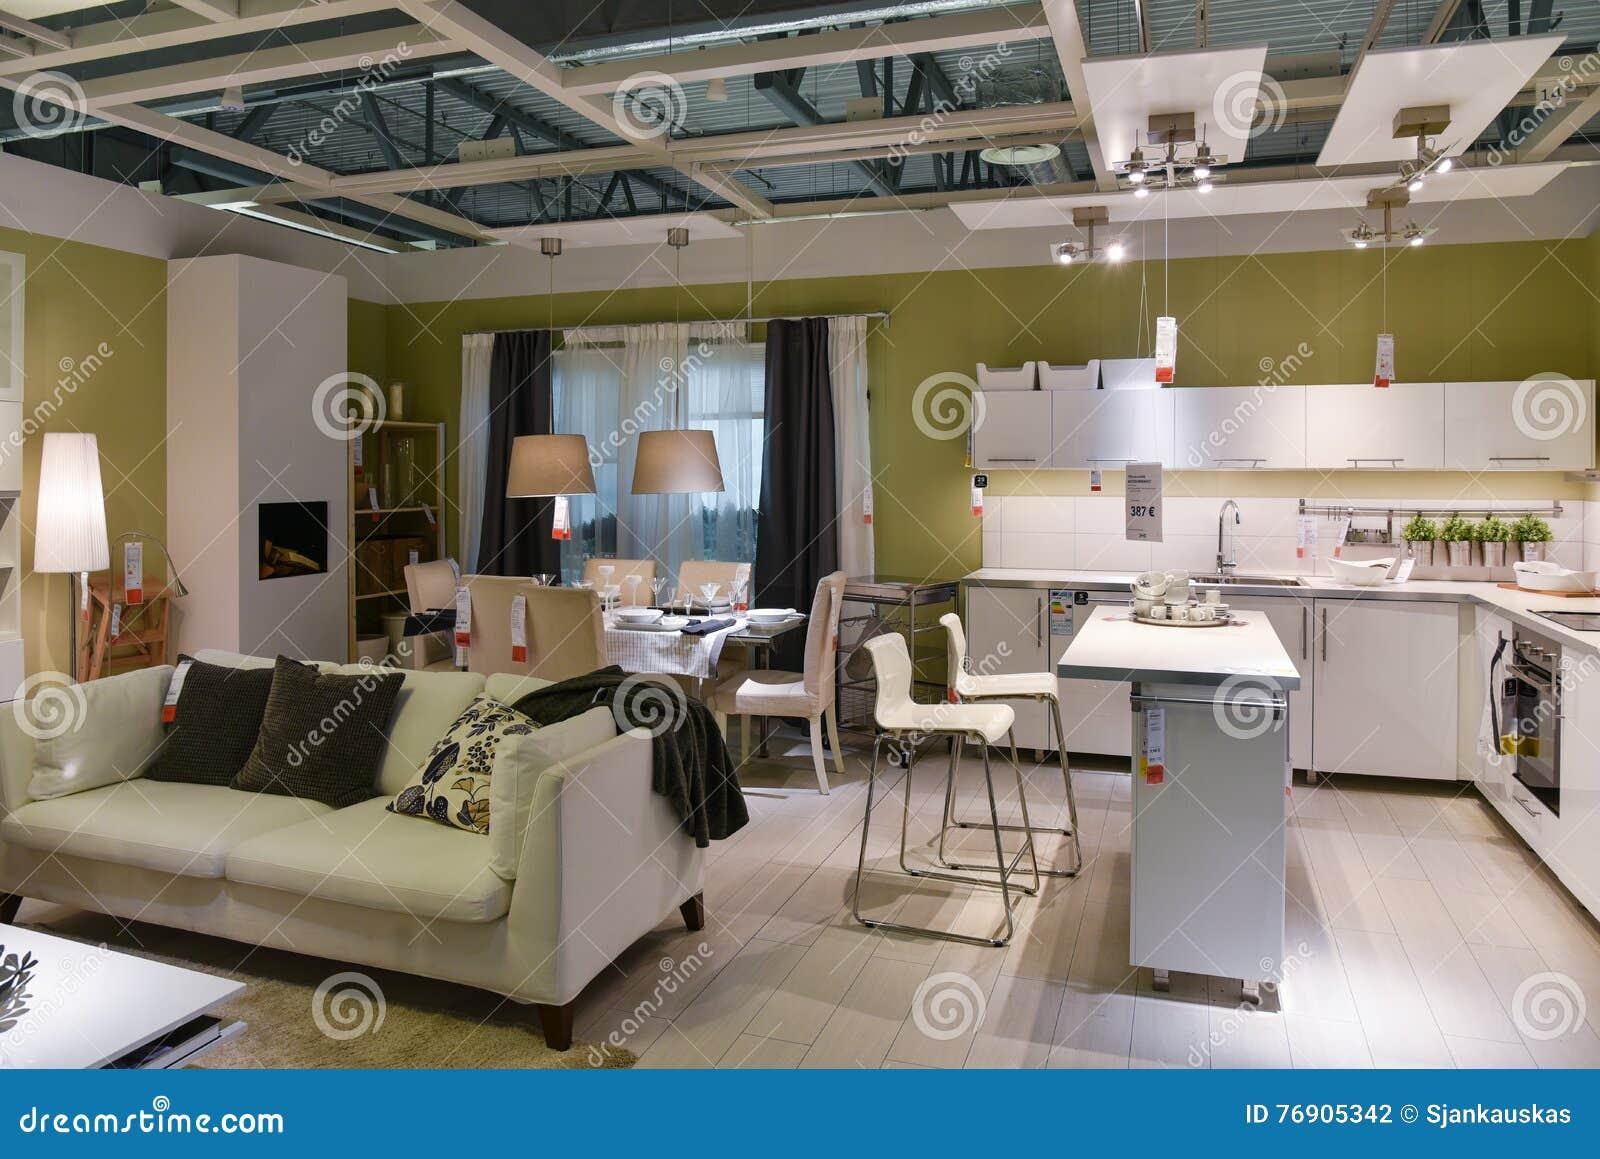 Tiendas De Muebles Medina Del Campo Affordable Mueble With  # Muebles Tusell Medina Campo